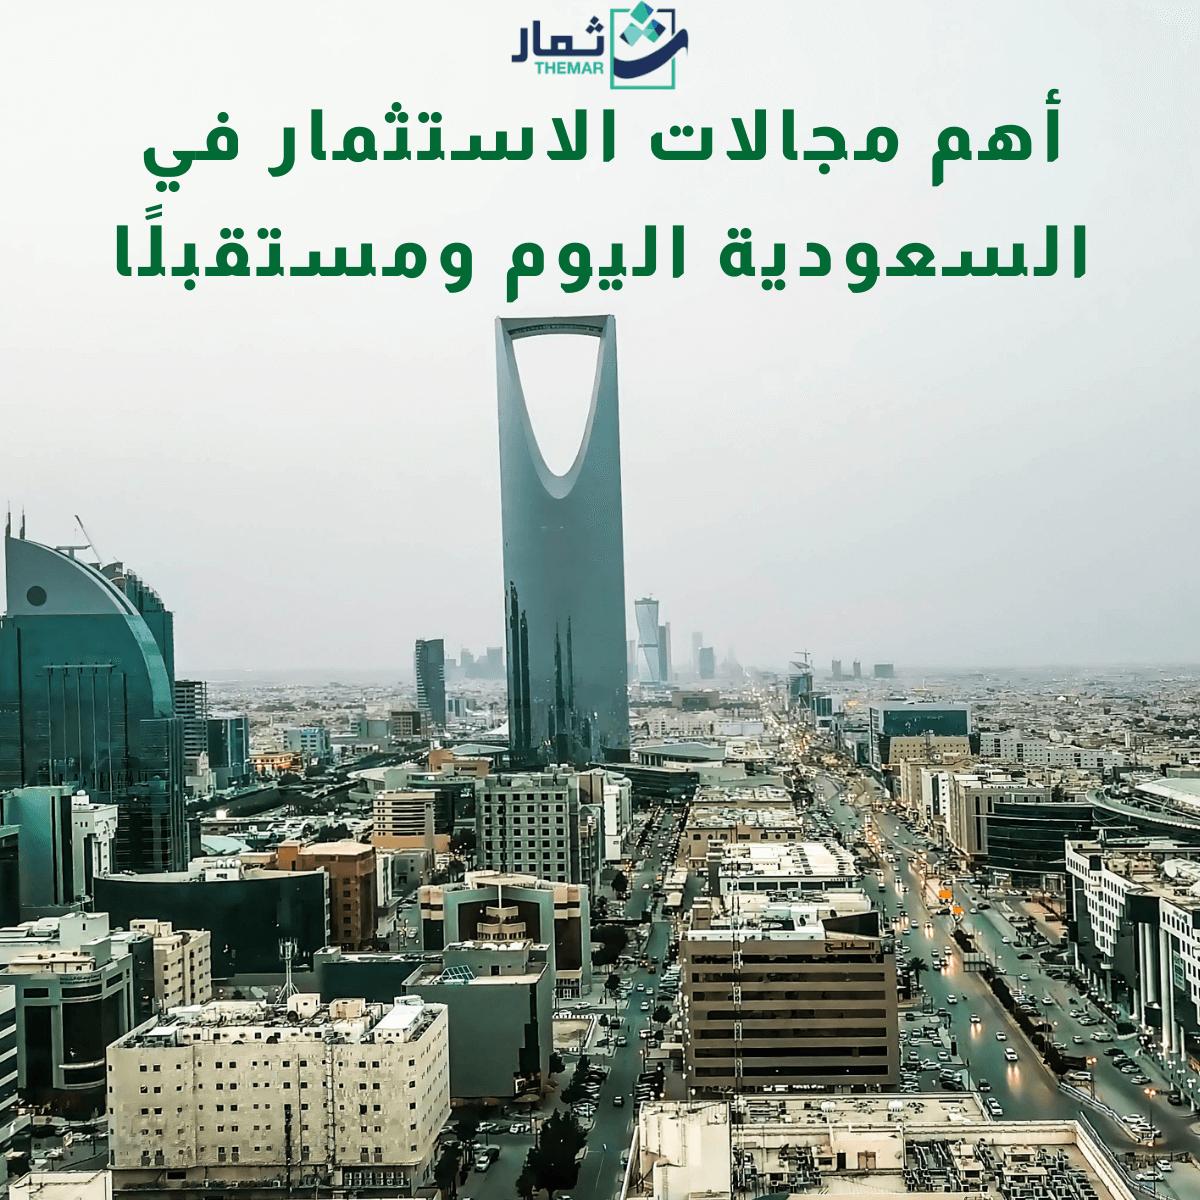 أهم مجالات الاستثمار في السعودية